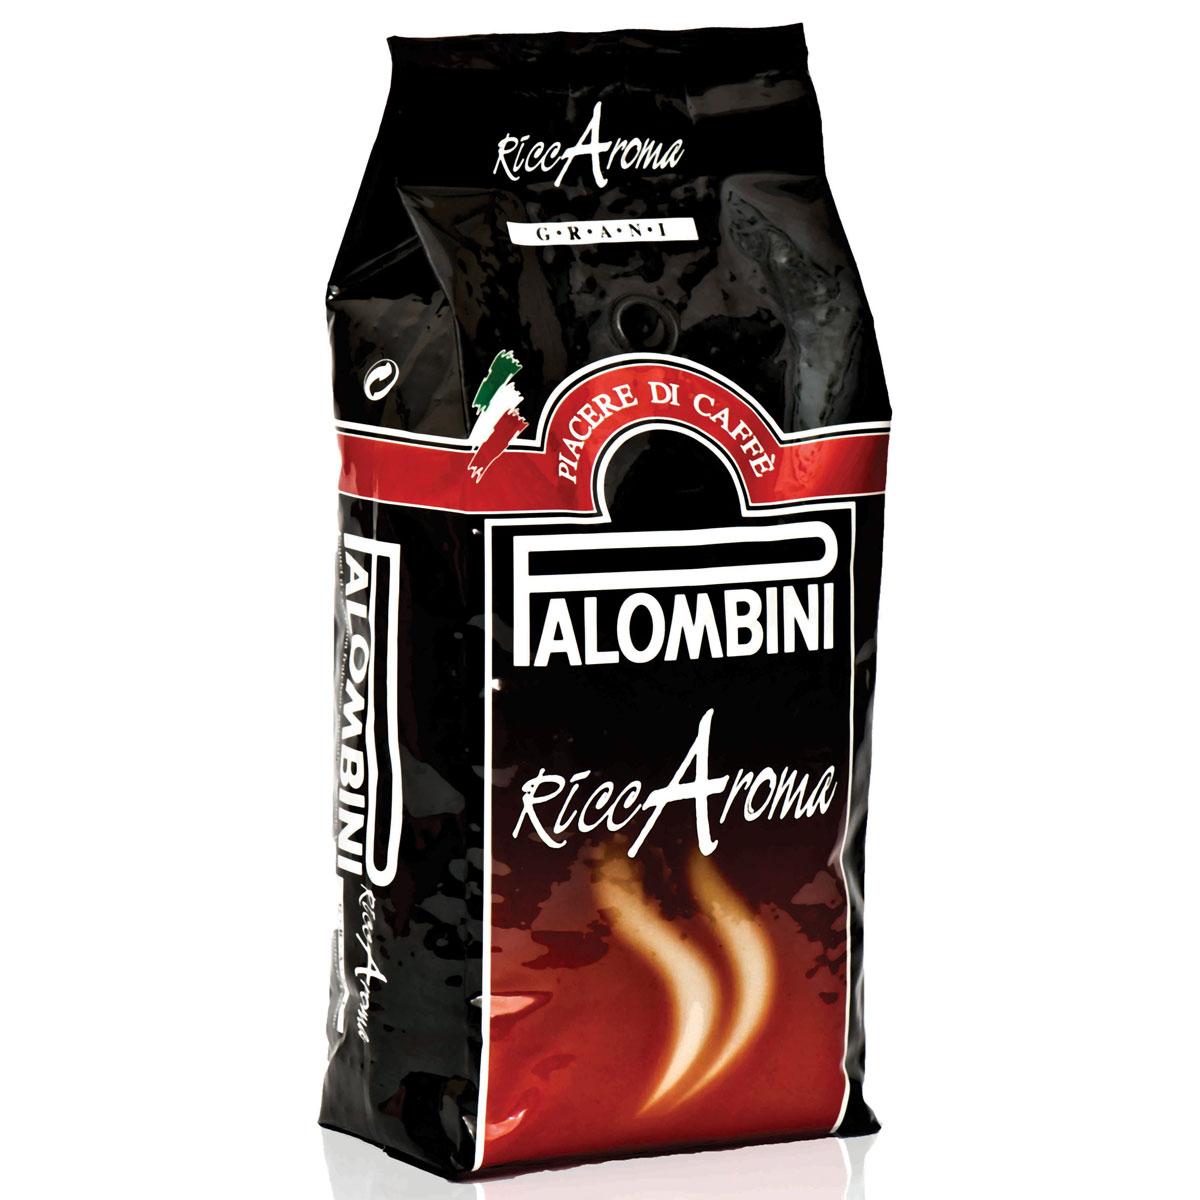 Palombini Riccaroma кофе в зернах, 1 кг8009785305456Натуральный жареный кофе в зернах Palombini Riccaroma, высшего сорта. Совершенное сочетание насыщенной консистенции и устойчивой пенки создает приятный мягкий вкус. Рекомендуется для приготовления: эспрессо, капучино, ристретто. Смесь содержит 90% арабики и 10% робусты.